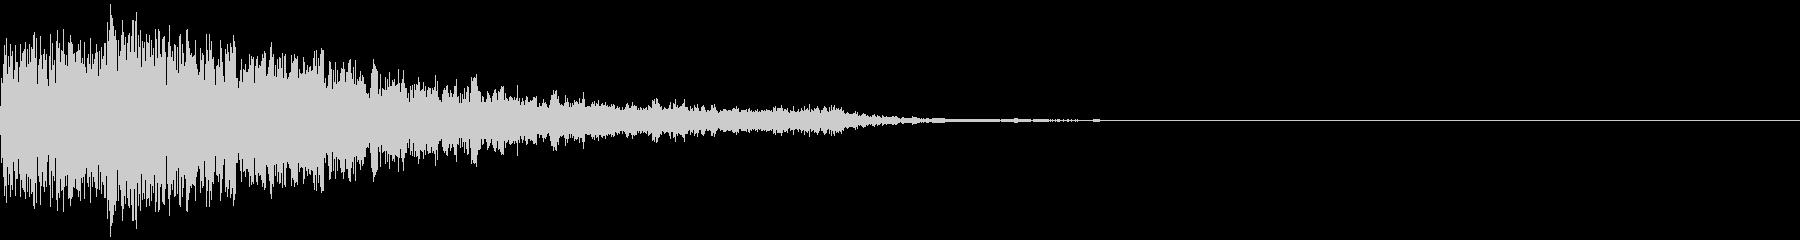 衝撃 金属音 恐怖 震撼 ホラー 36の未再生の波形